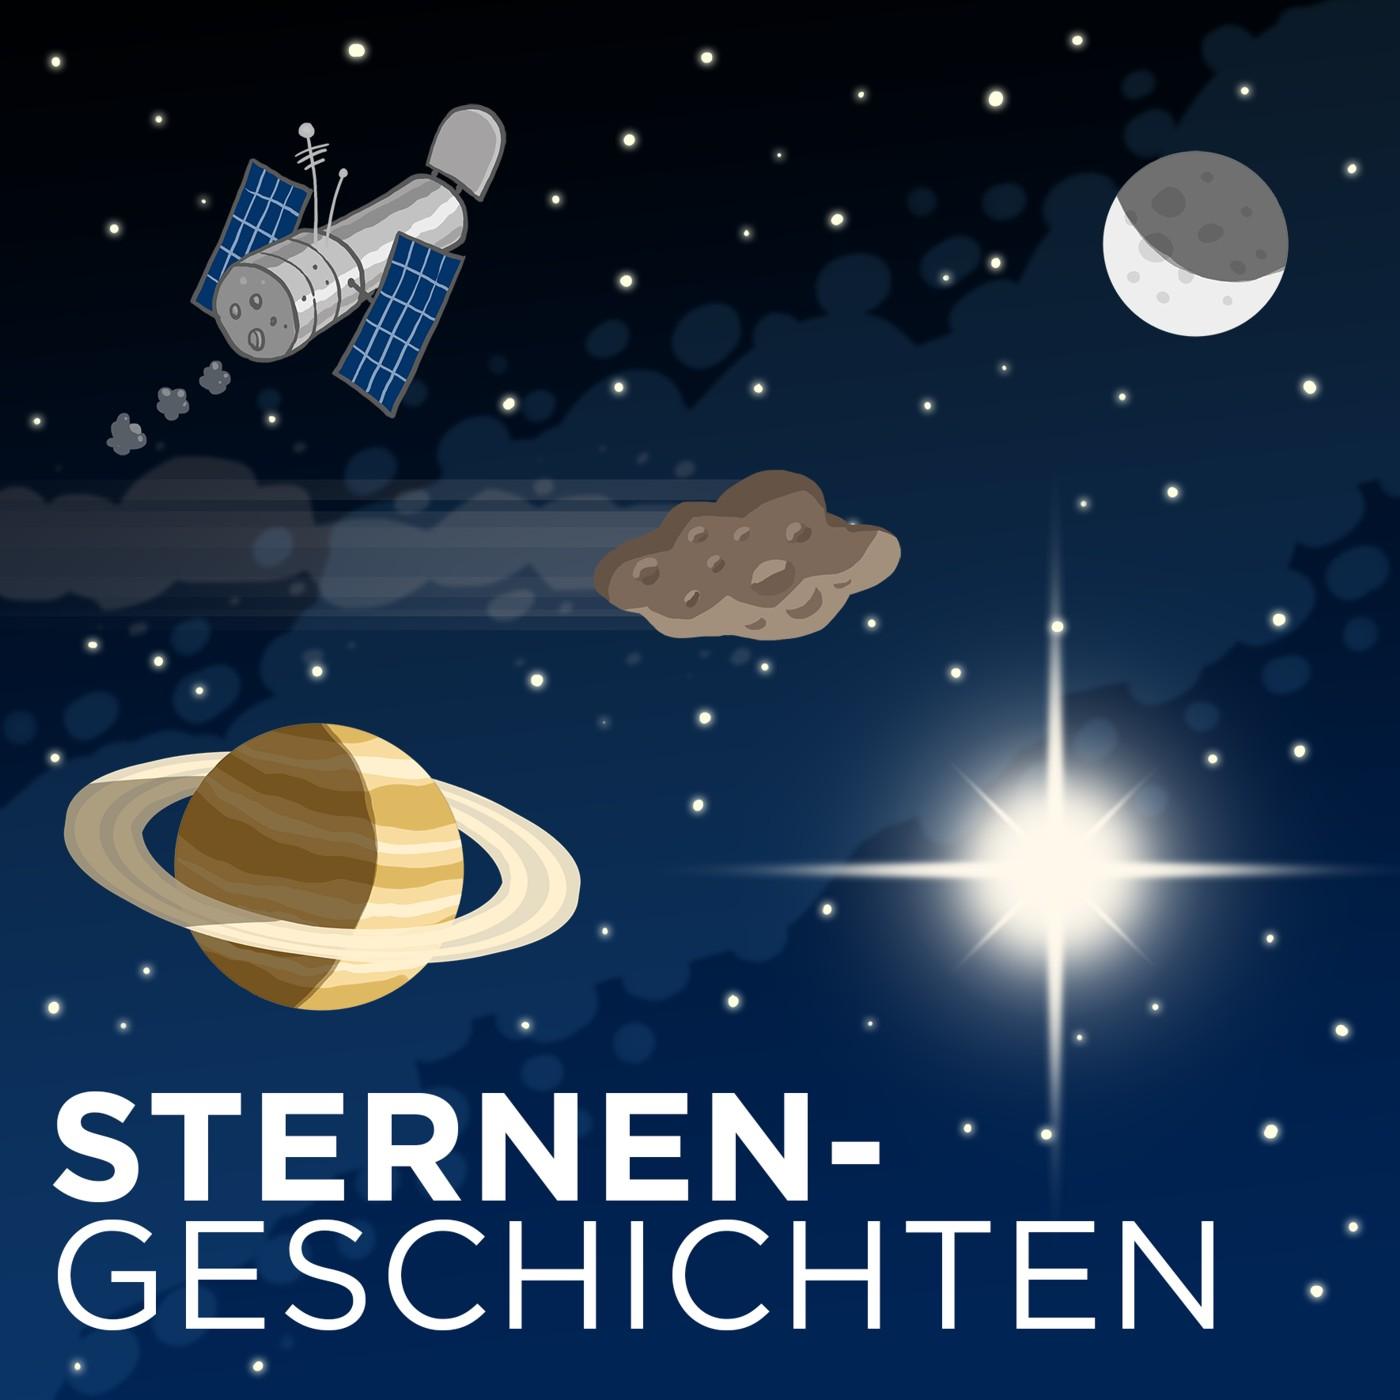 Sternengeschichten Folge 368: Kosmische Strahlung und der Klimawandel